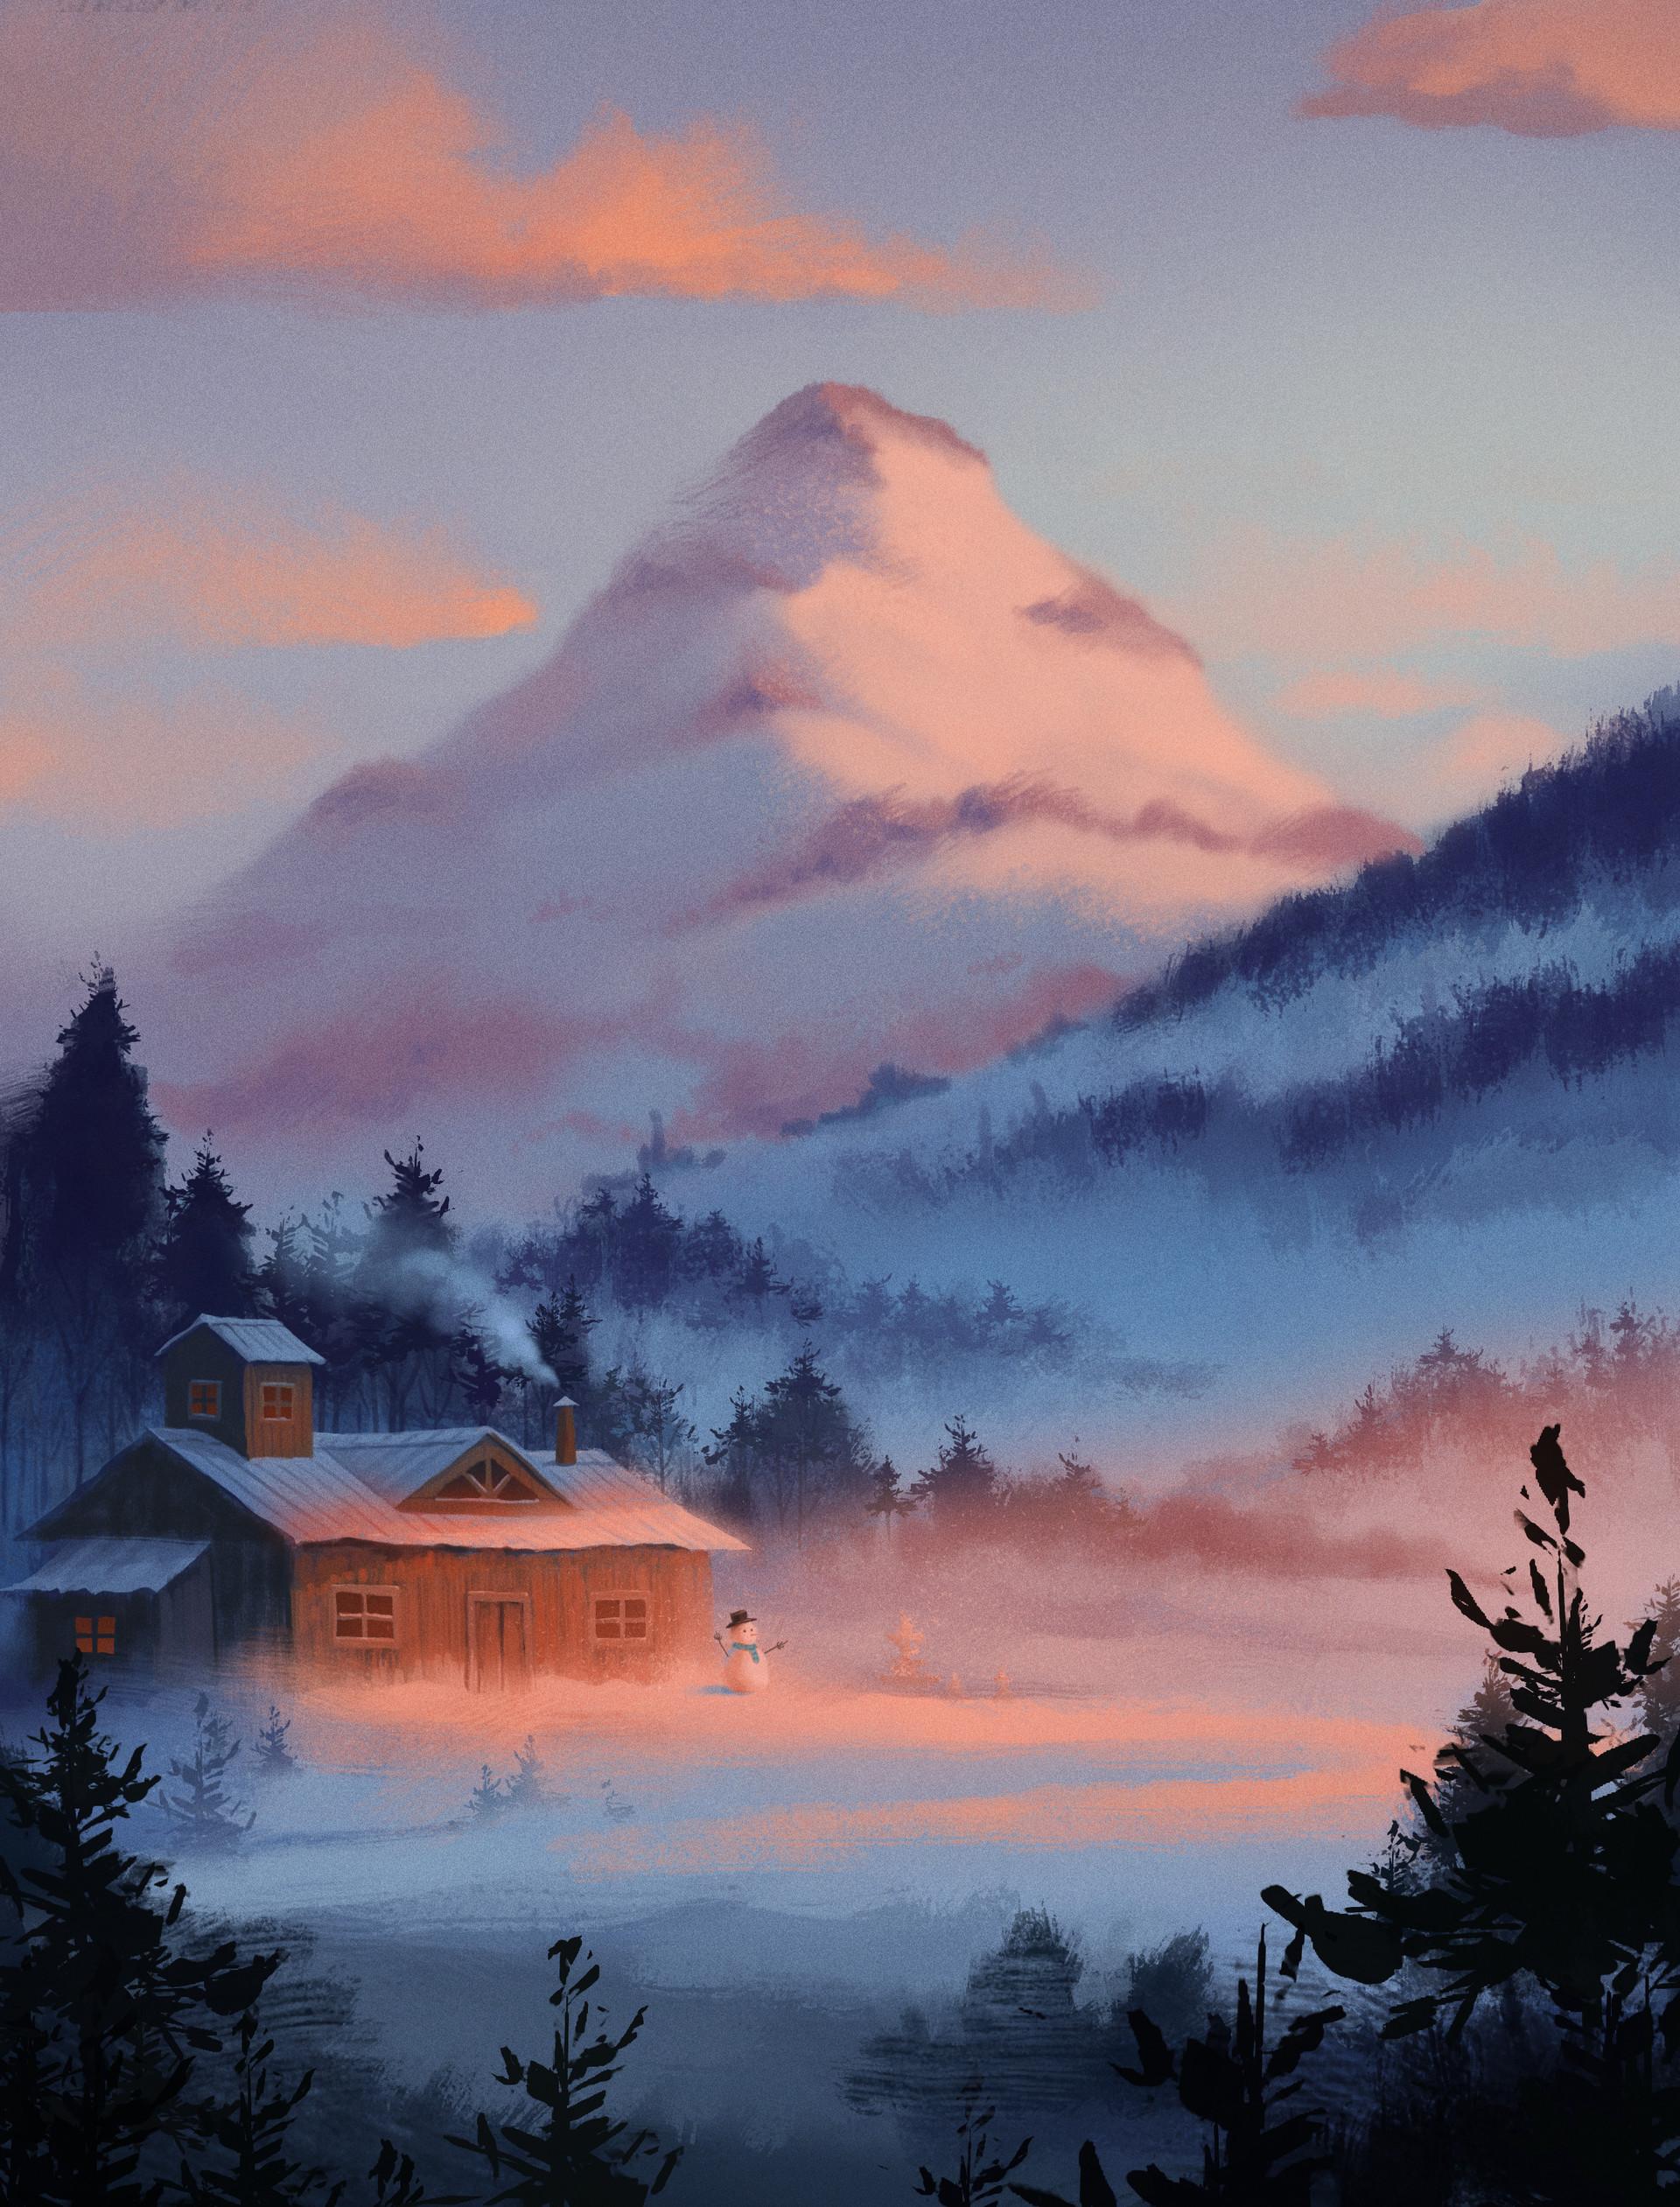 136969 Salvapantallas y fondos de pantalla Año Nuevo en tu teléfono. Descarga imágenes de Arte, Pequeña Casa, Logia, Año Nuevo, Navidad, Nieve, Invierno, Montañas gratis